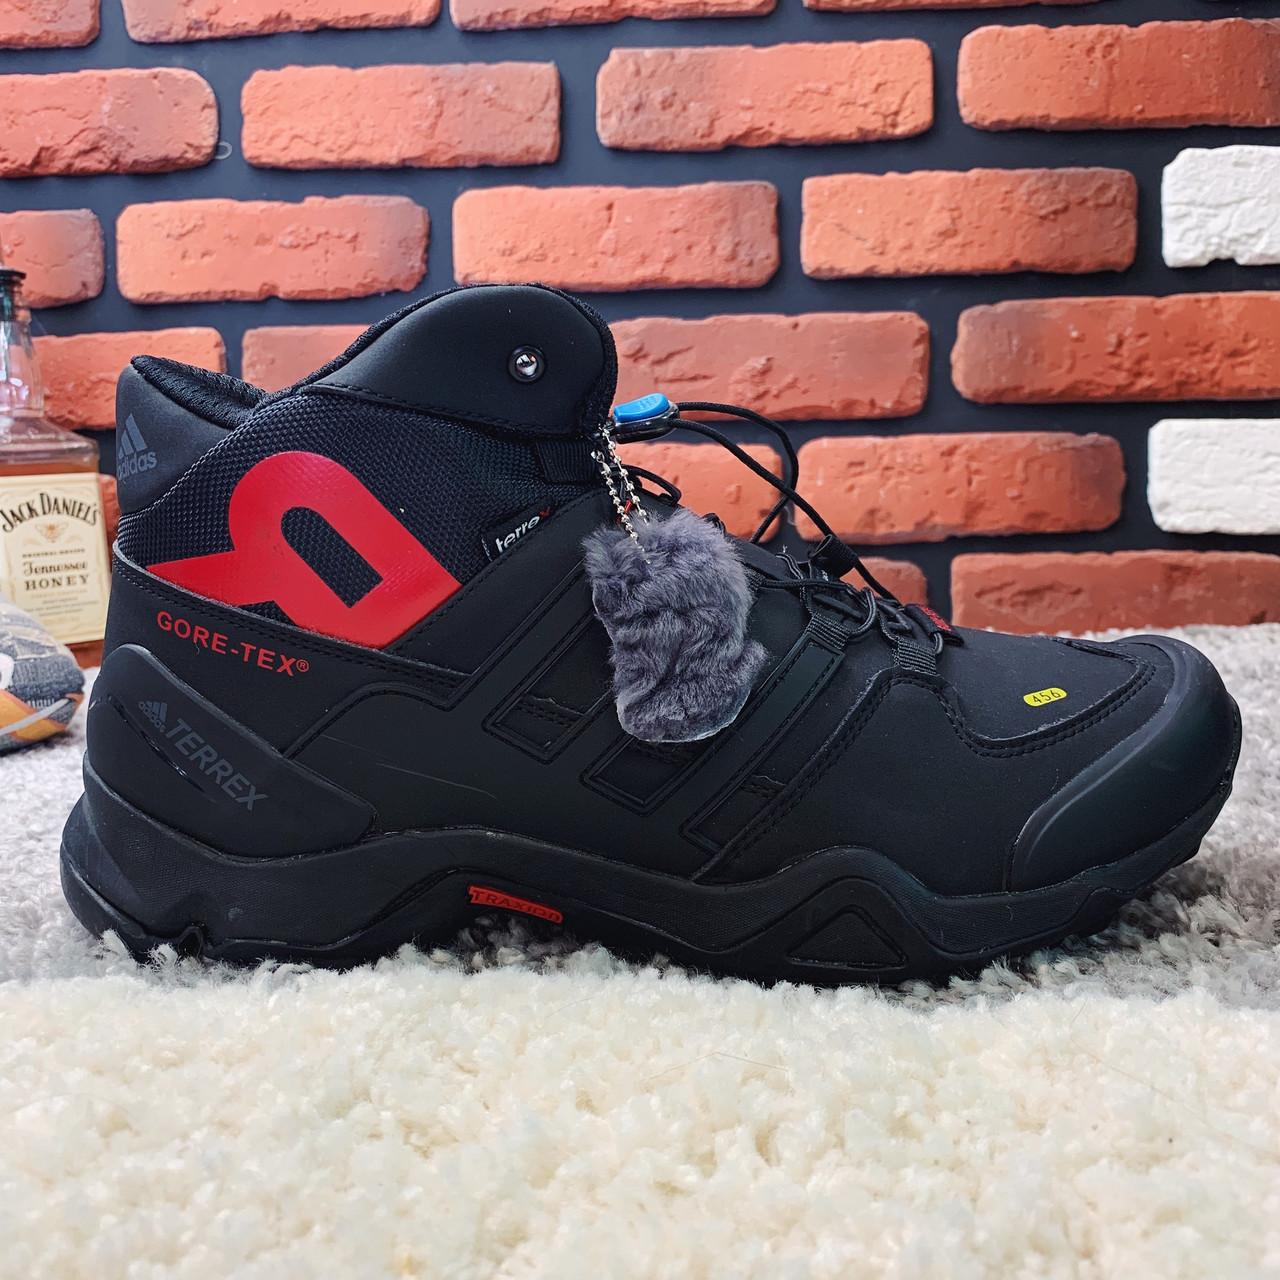 Зимние ботинки (на меху) мужские Adidas Terrex  3-078⏩ [46 размер]